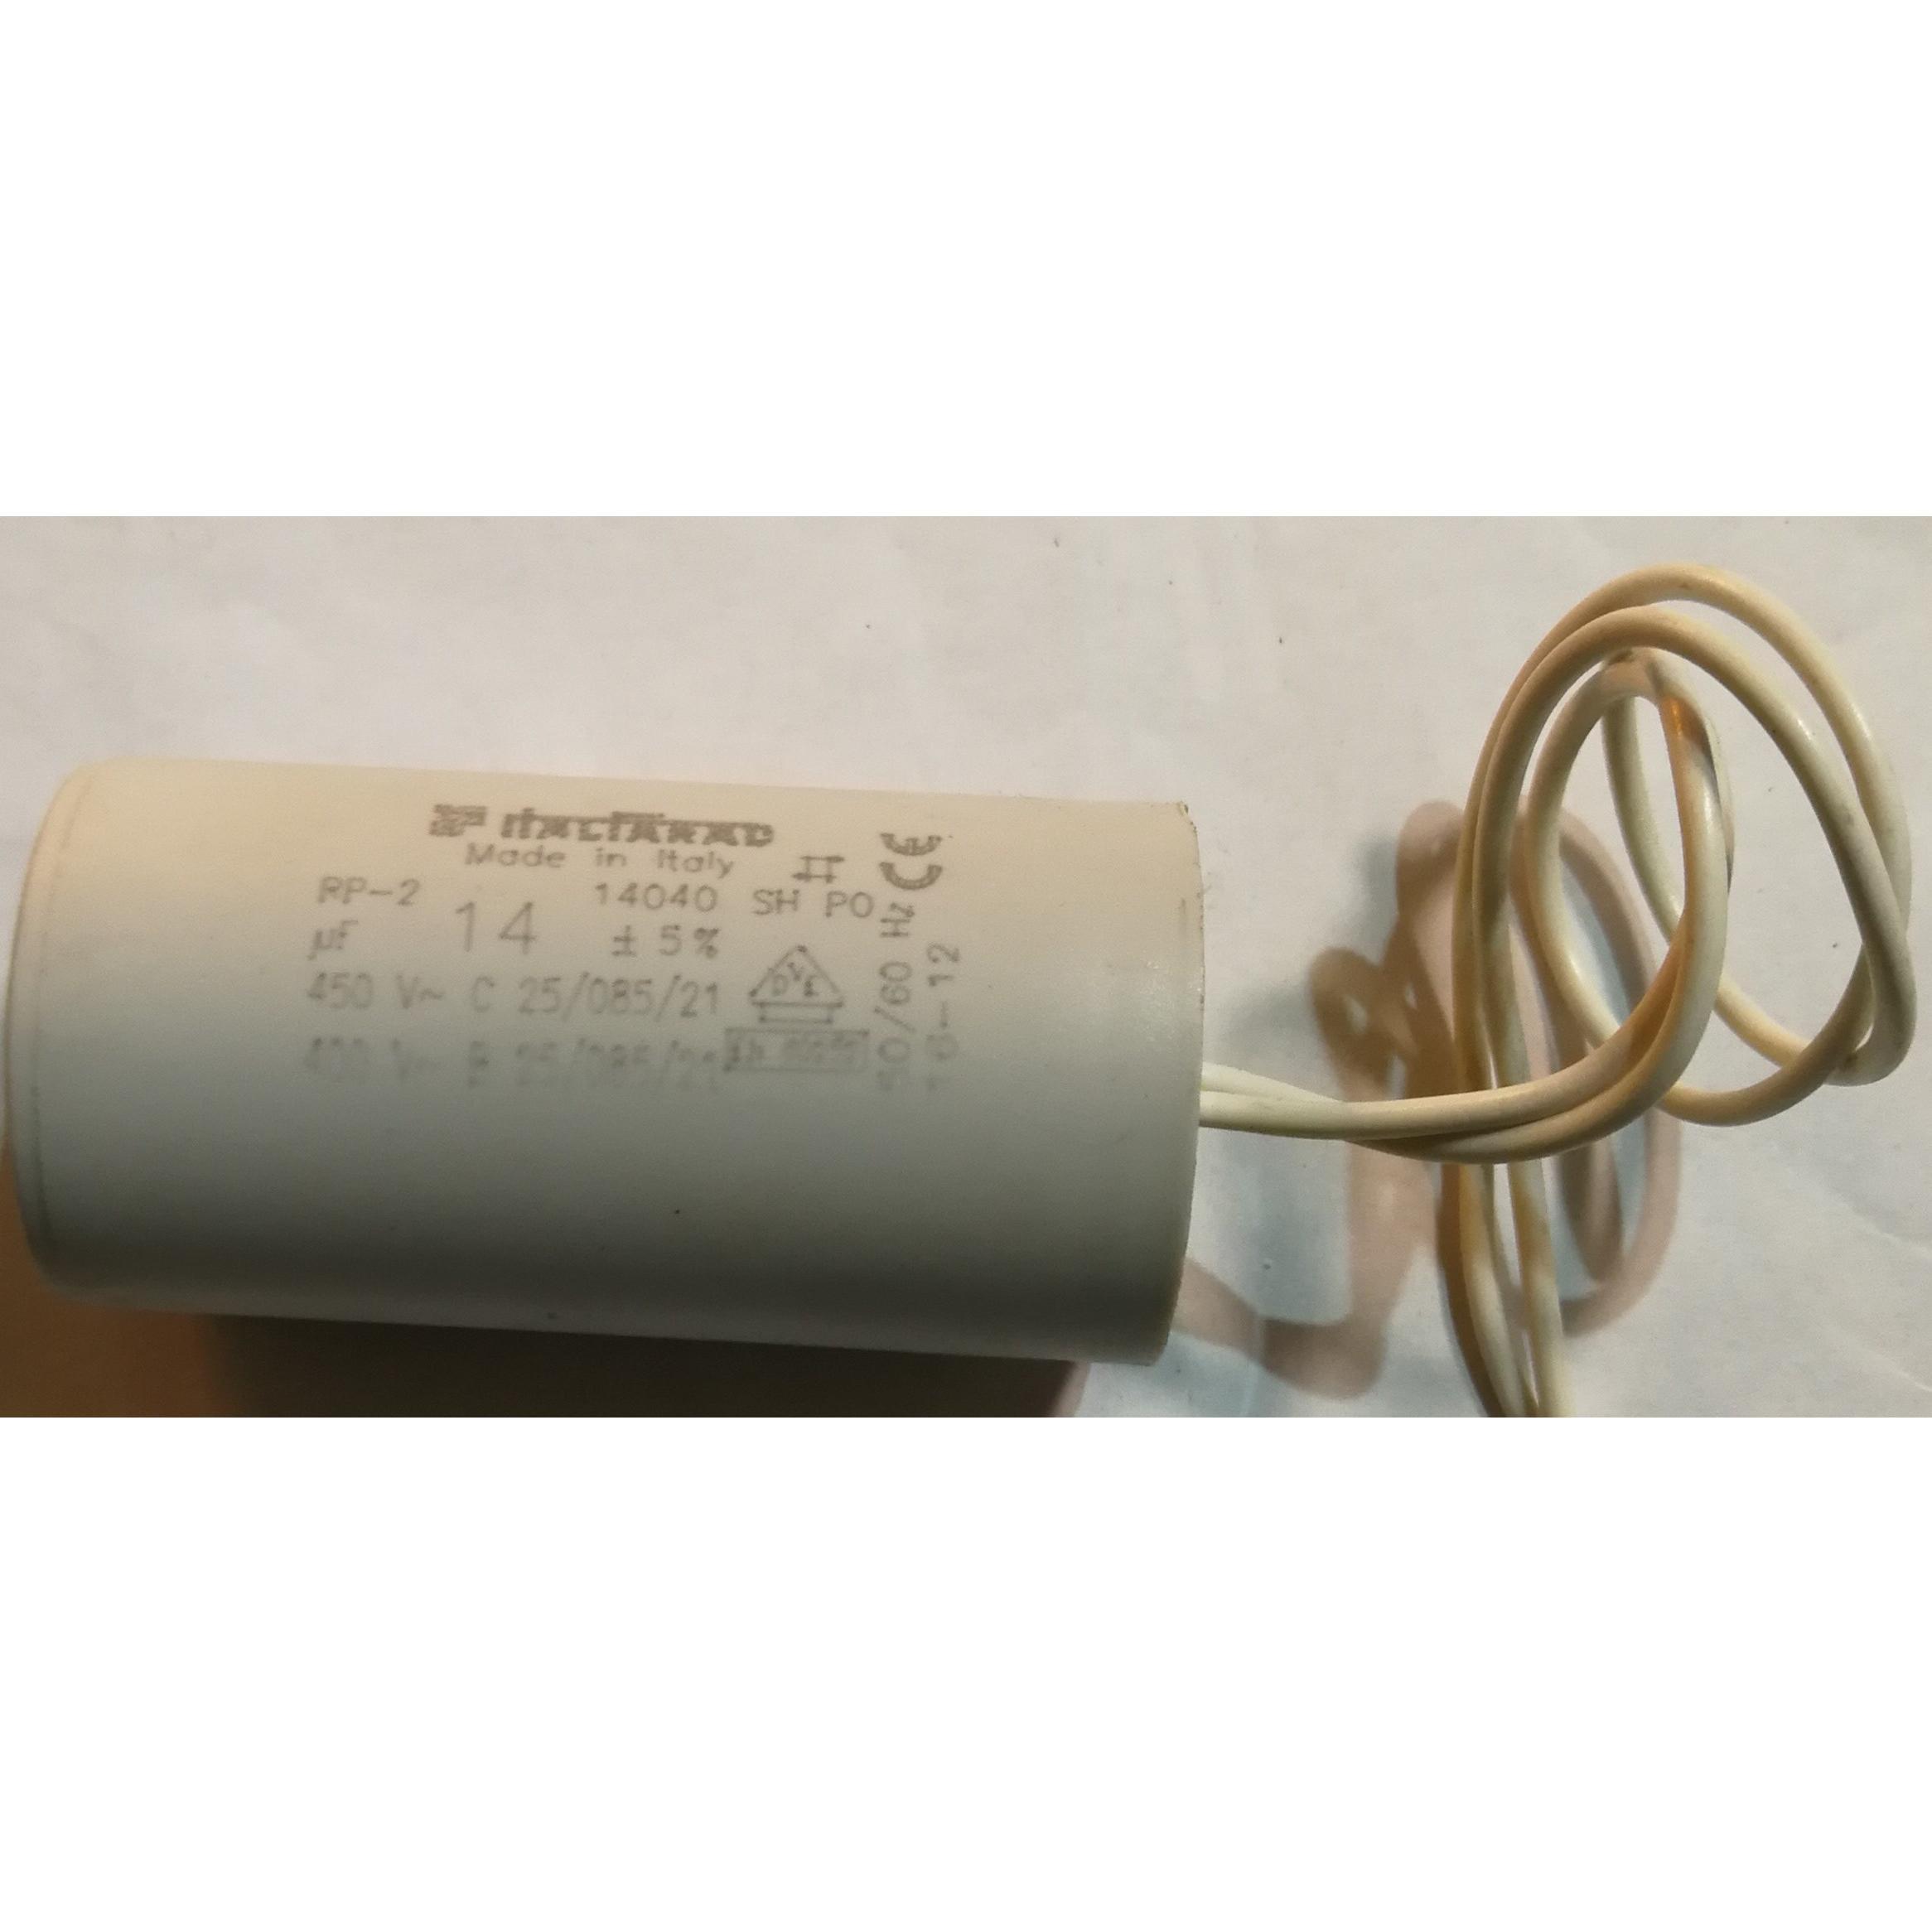 Condensatore elettrodomestici vari 14 μF ITALFARAD